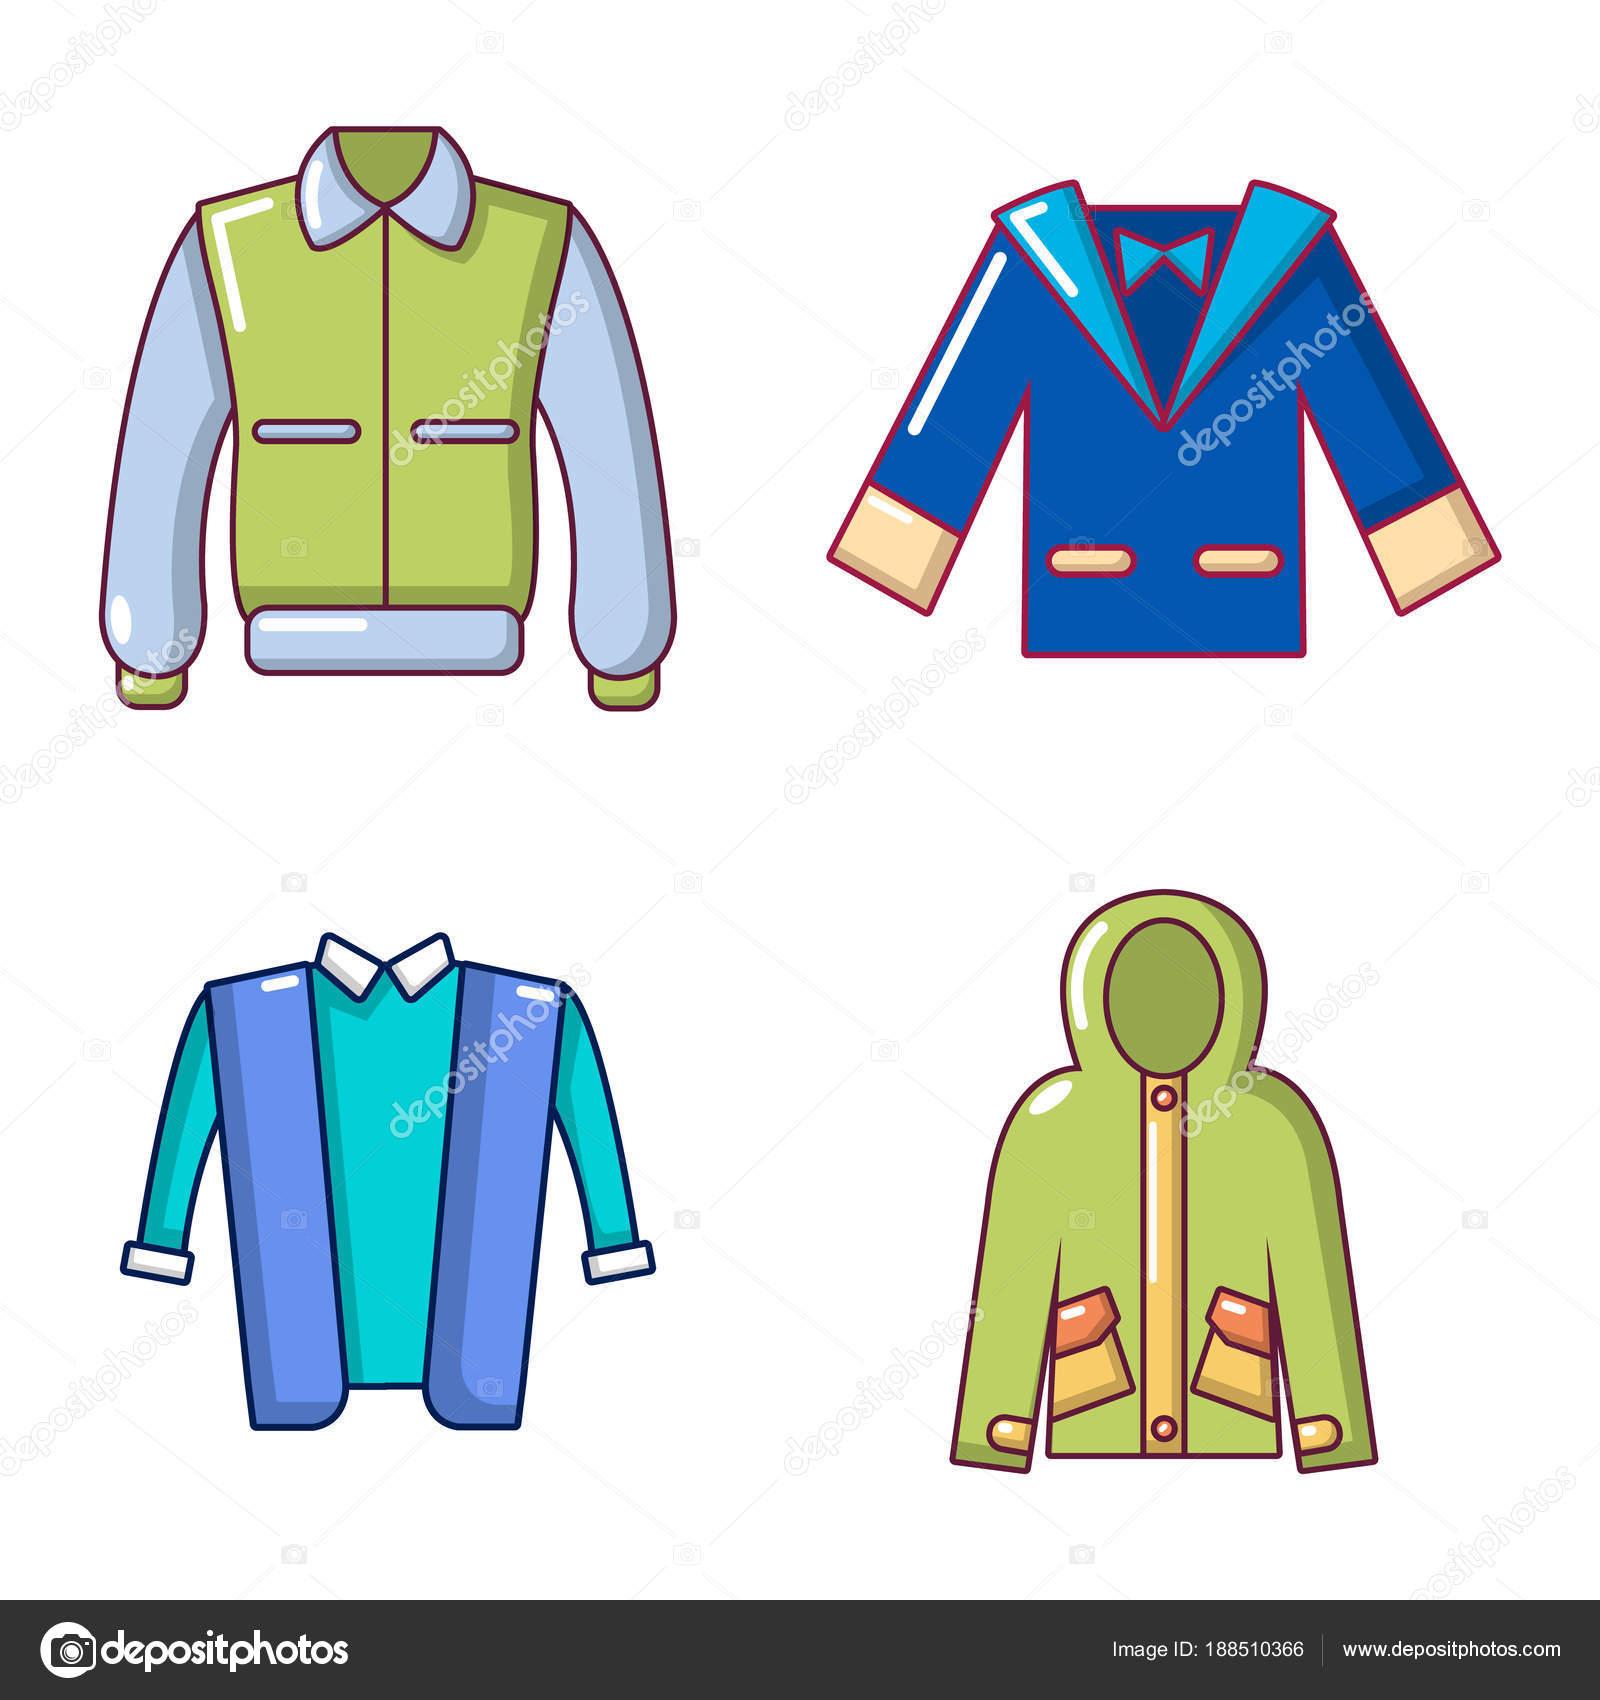 c4ed93546181b Conjunto de iconos de la chaqueta. Dibujo animado conjunto de iconos de  vector de chaqueta para diseño web aislado sobre fondo blanco - imágenes   chaqueta ...